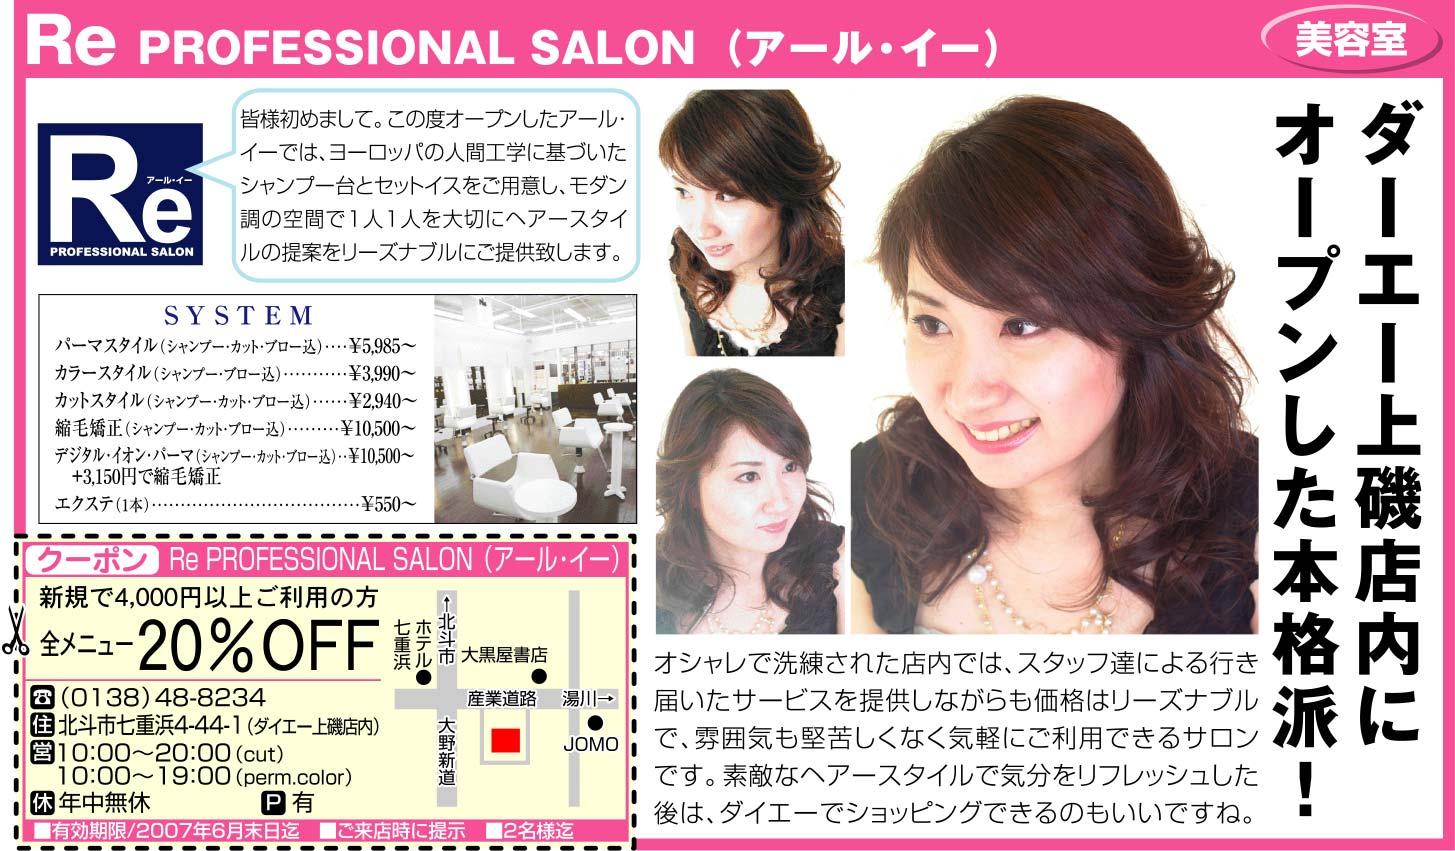 函館タウン情報 LIFE 掲載!!_d0122014_20101528.jpg